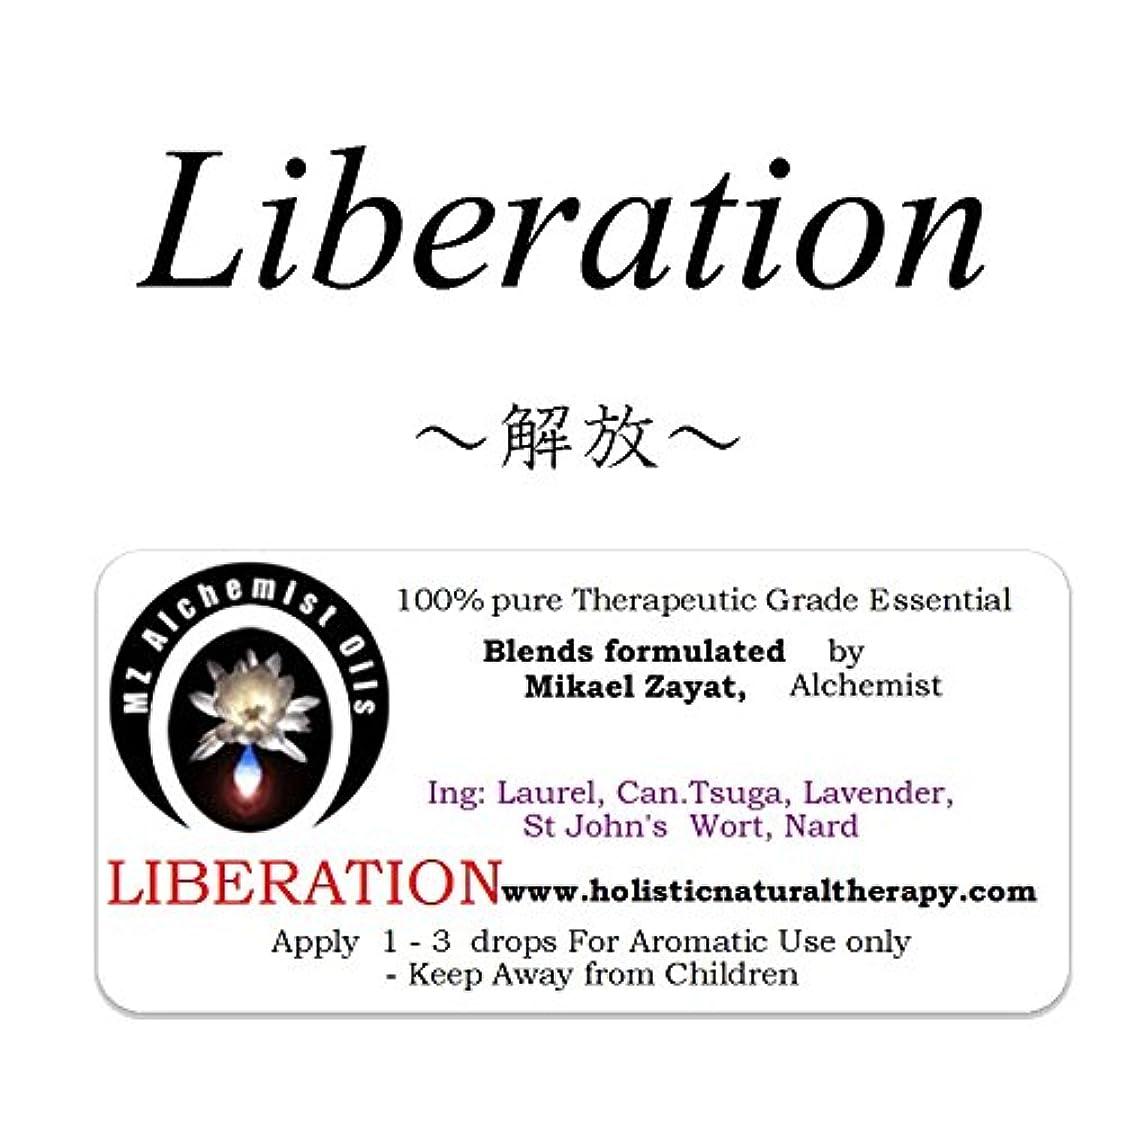 右転送ご予約ミカエル?ザヤットアルケミストオイル セラピストグレードアロマオイル Liberation-リベレーション(解放)- 4ml